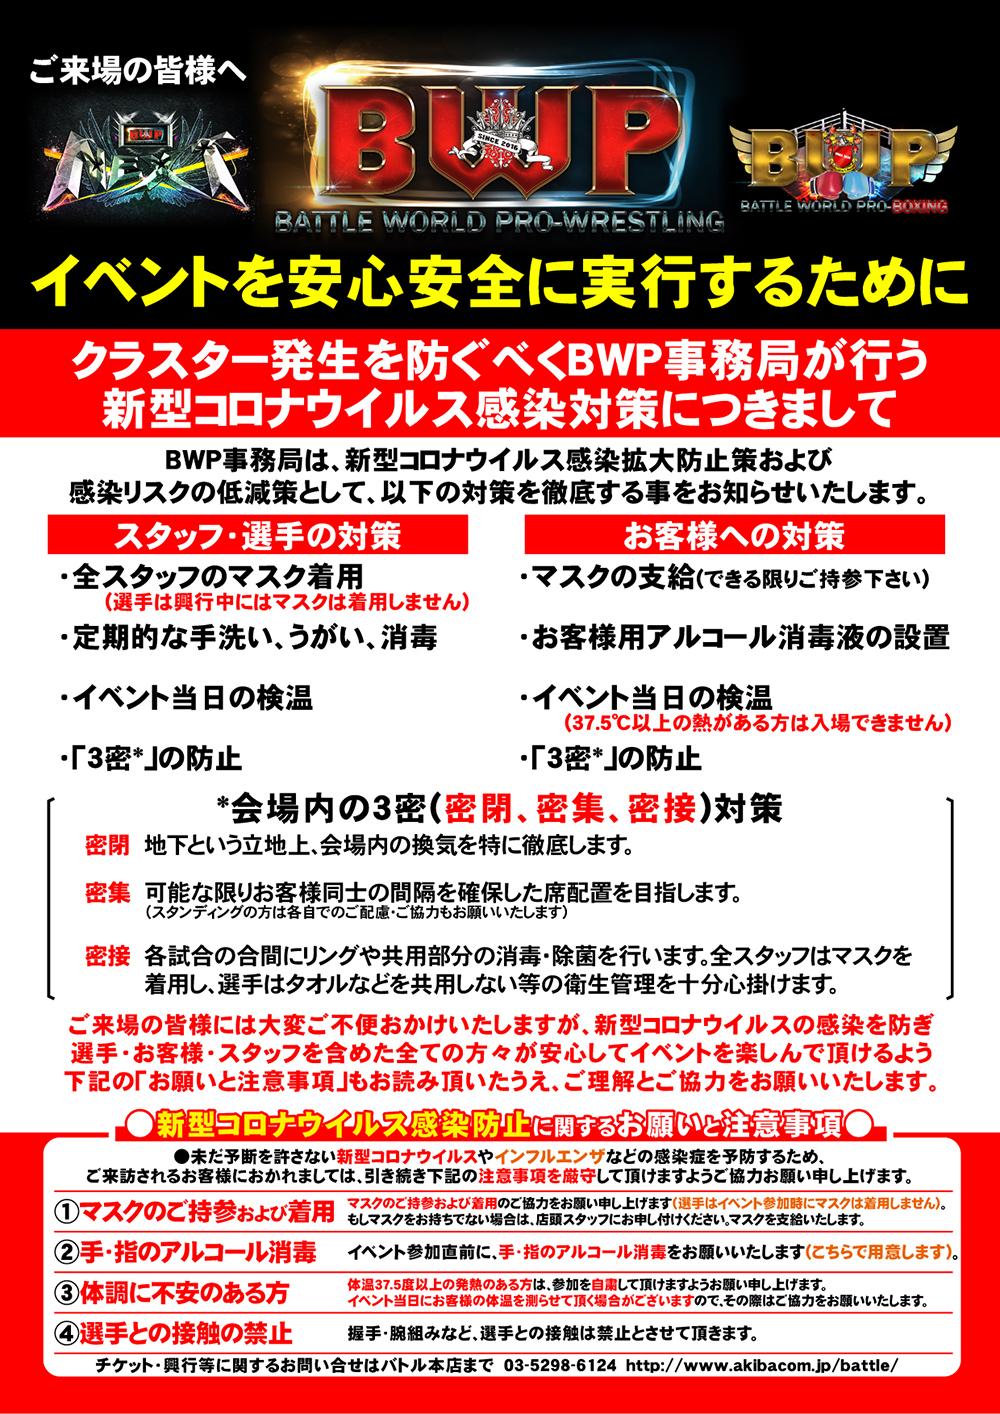 【BWP汎用】新型コロナウィルス対策におけるBWP事務局の取り組み150ppi